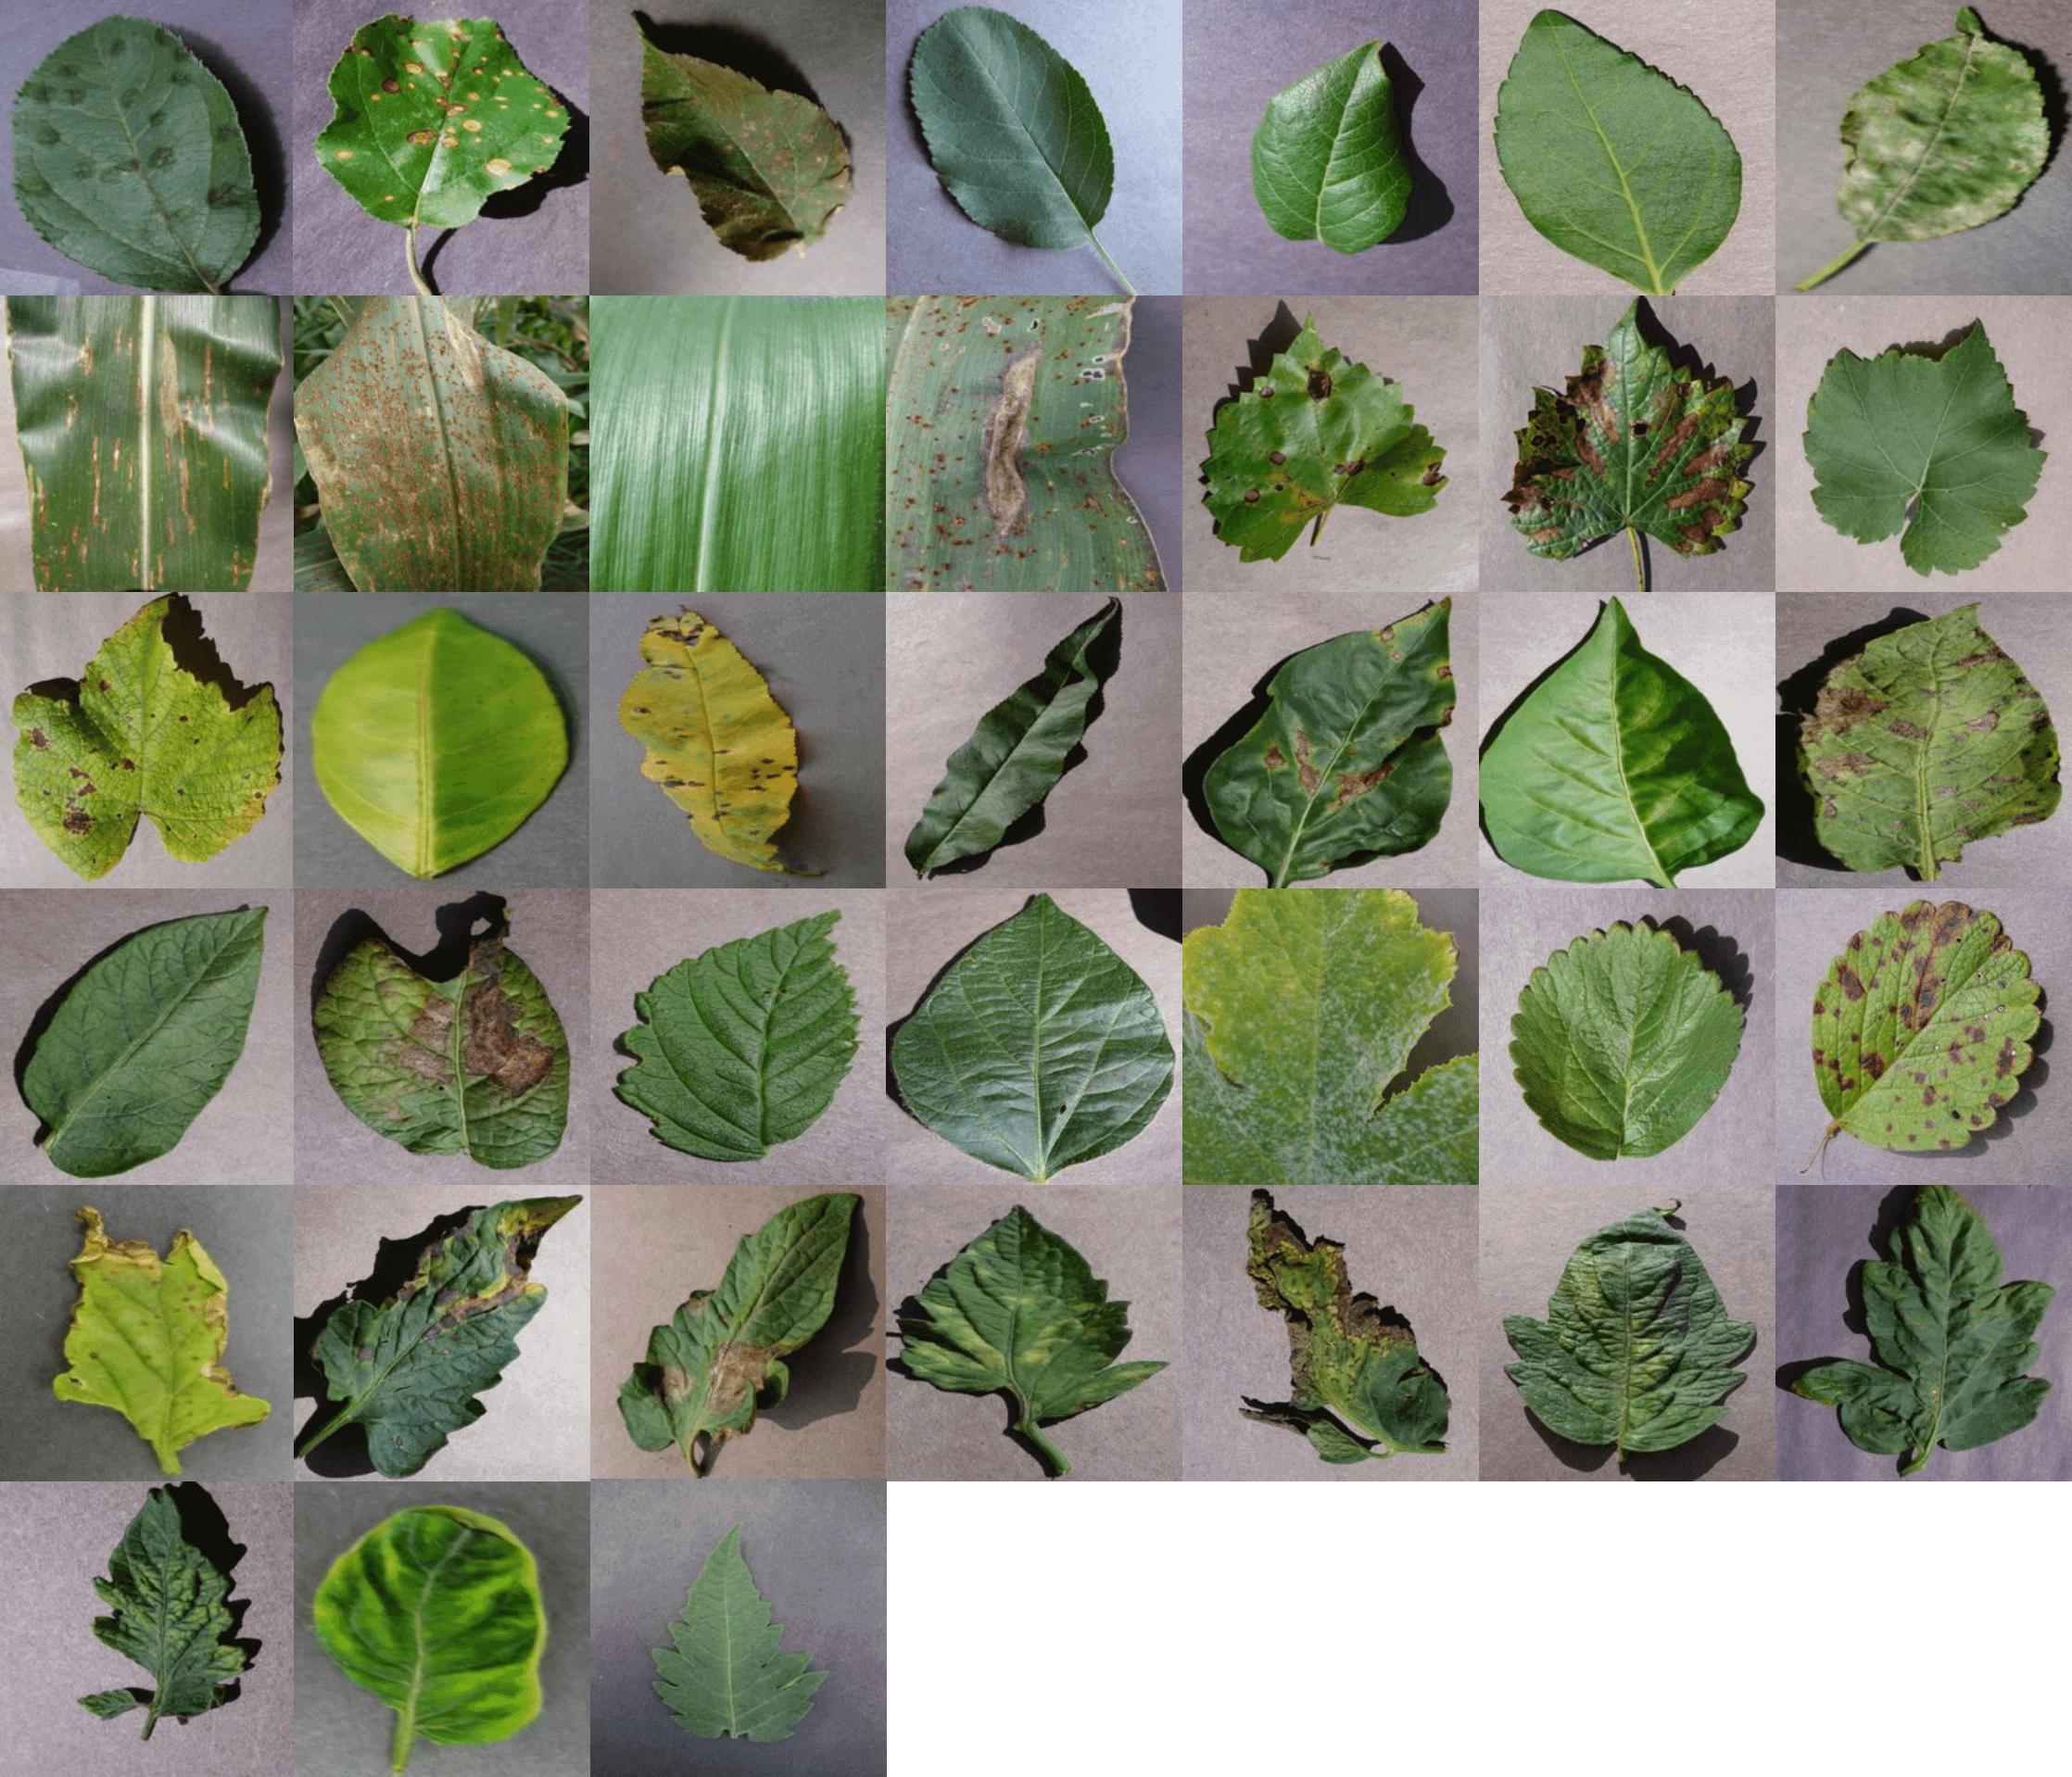 Plant Disease Detection